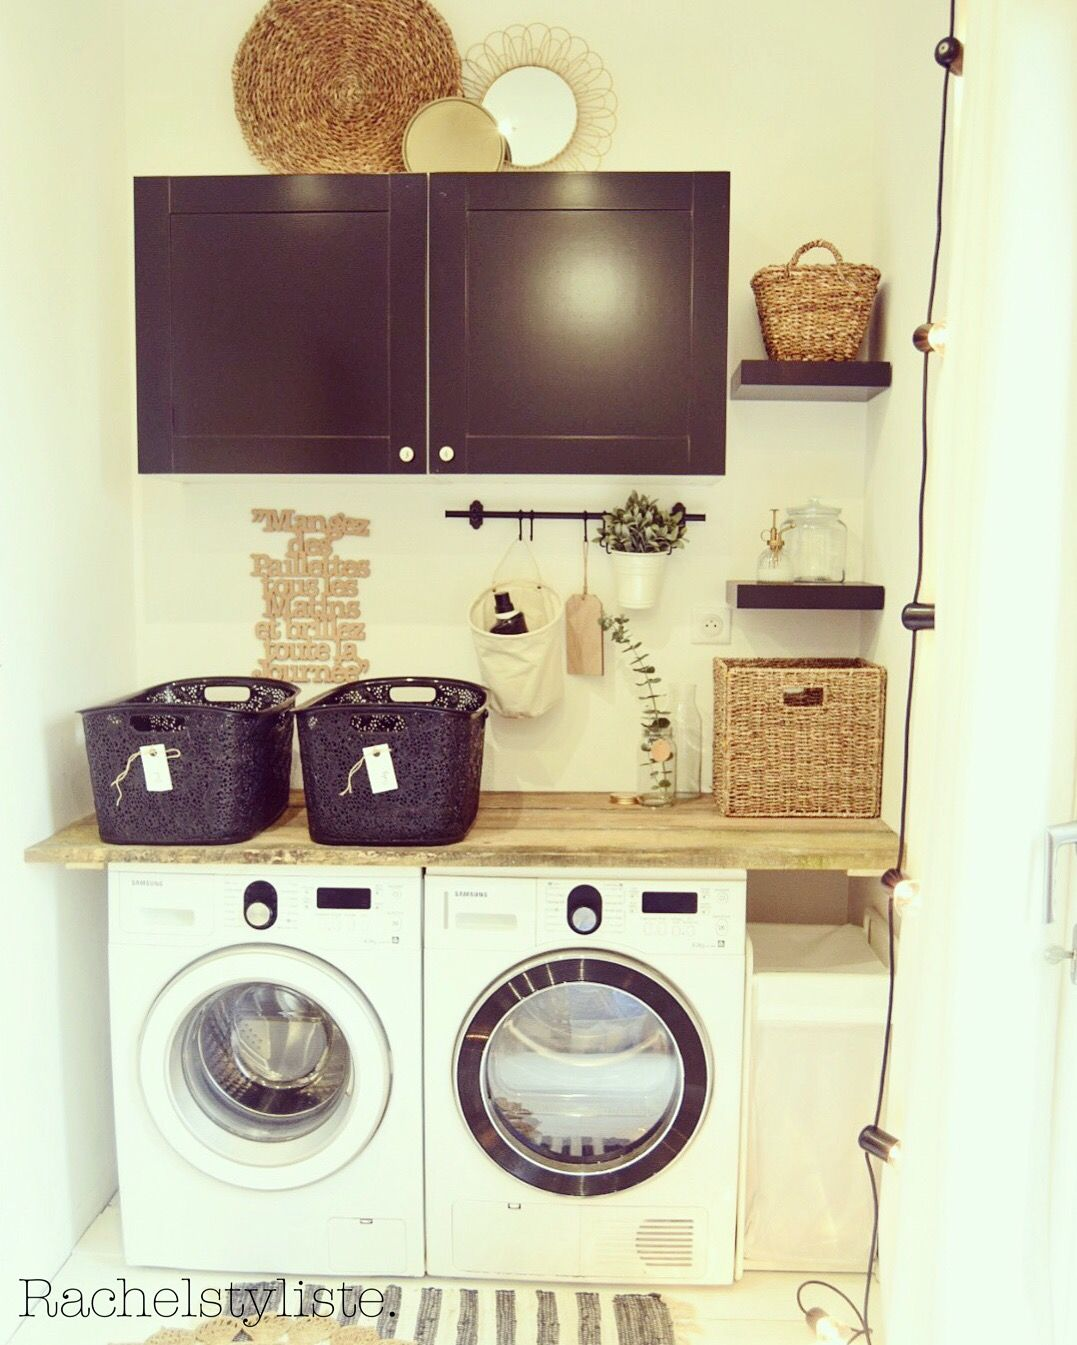 Maison | Salle de bain | Pinterest | Laundry, Laundry rooms and Lofts